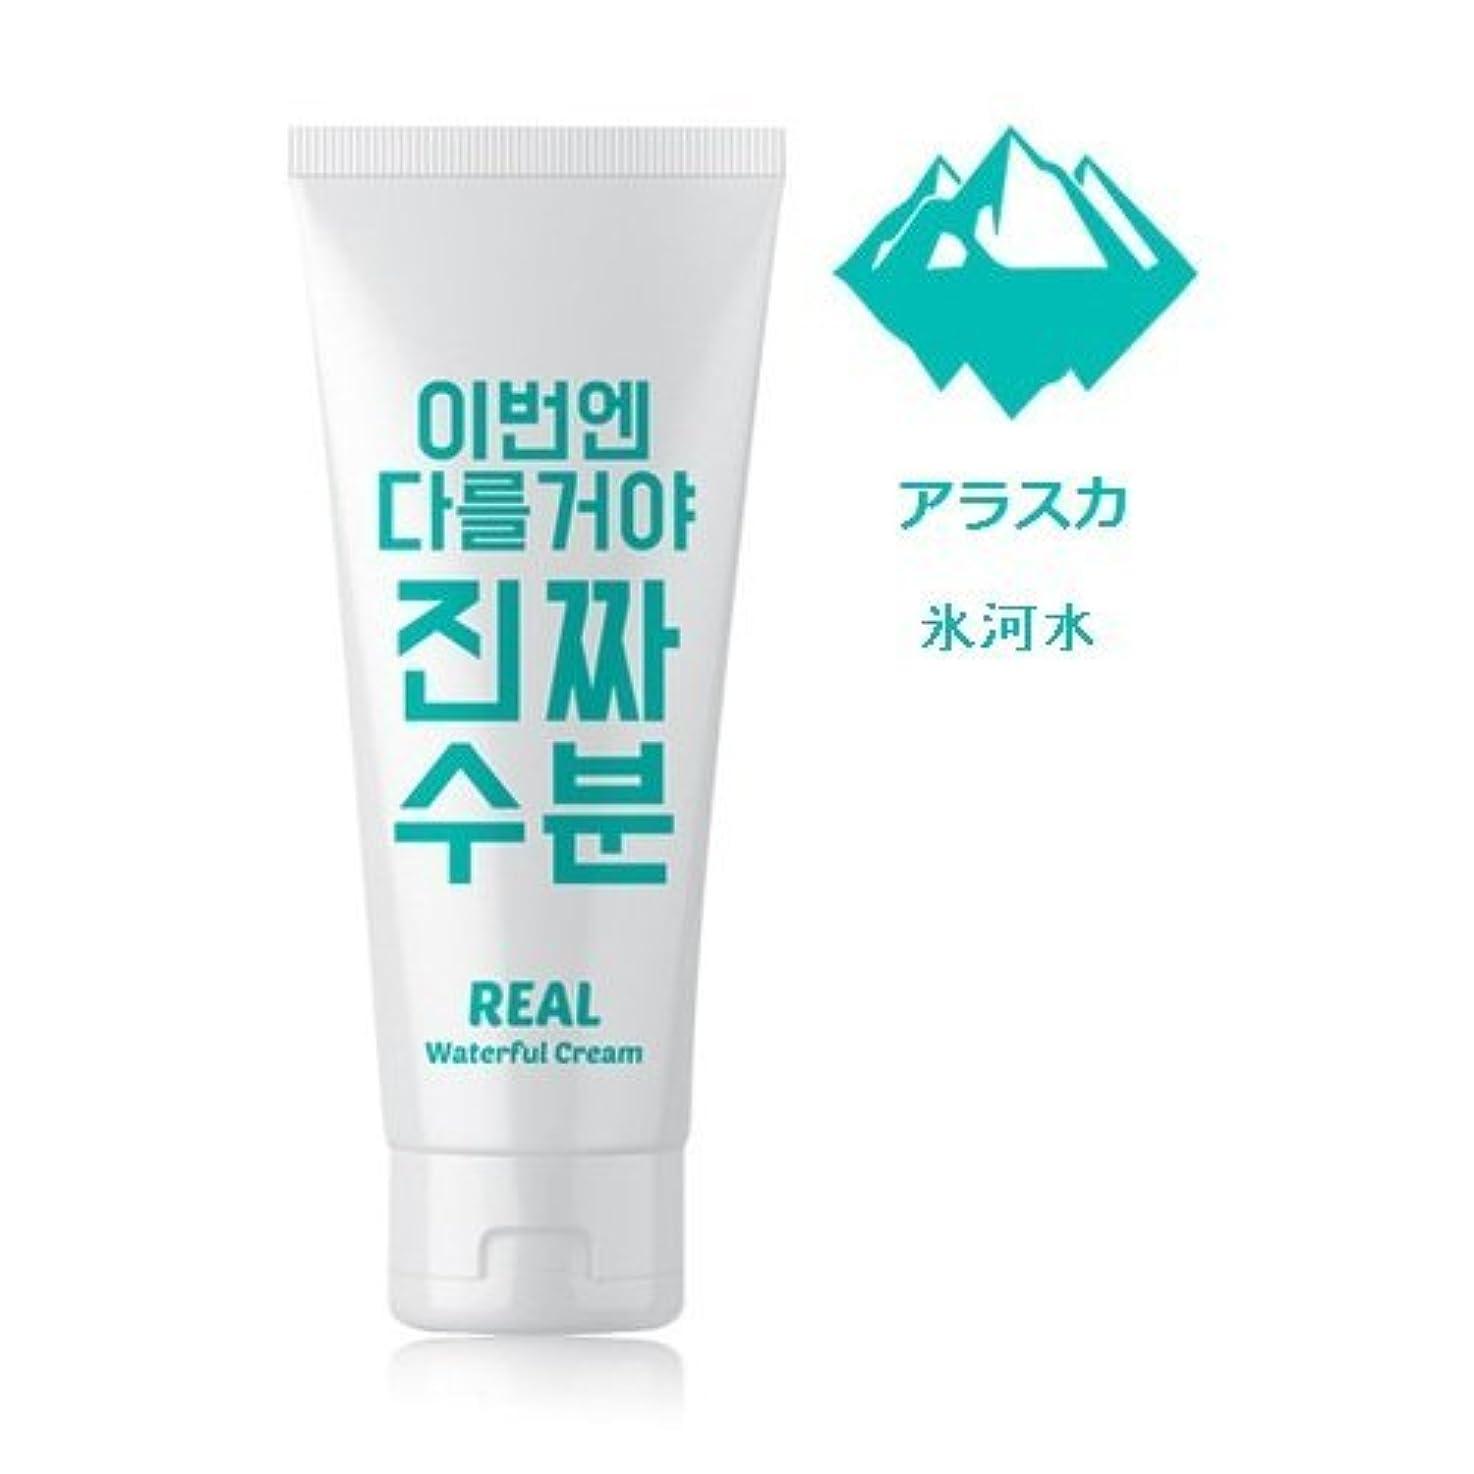 クリック人里離れた神経衰弱[1+1]Jaminkyung [FREE MARK] Real Waterful Cream 200g*2EA ジャミンギョン[フリーマーク]今度は違うぞ!! 本当の水分クリーム [並行輸入品]